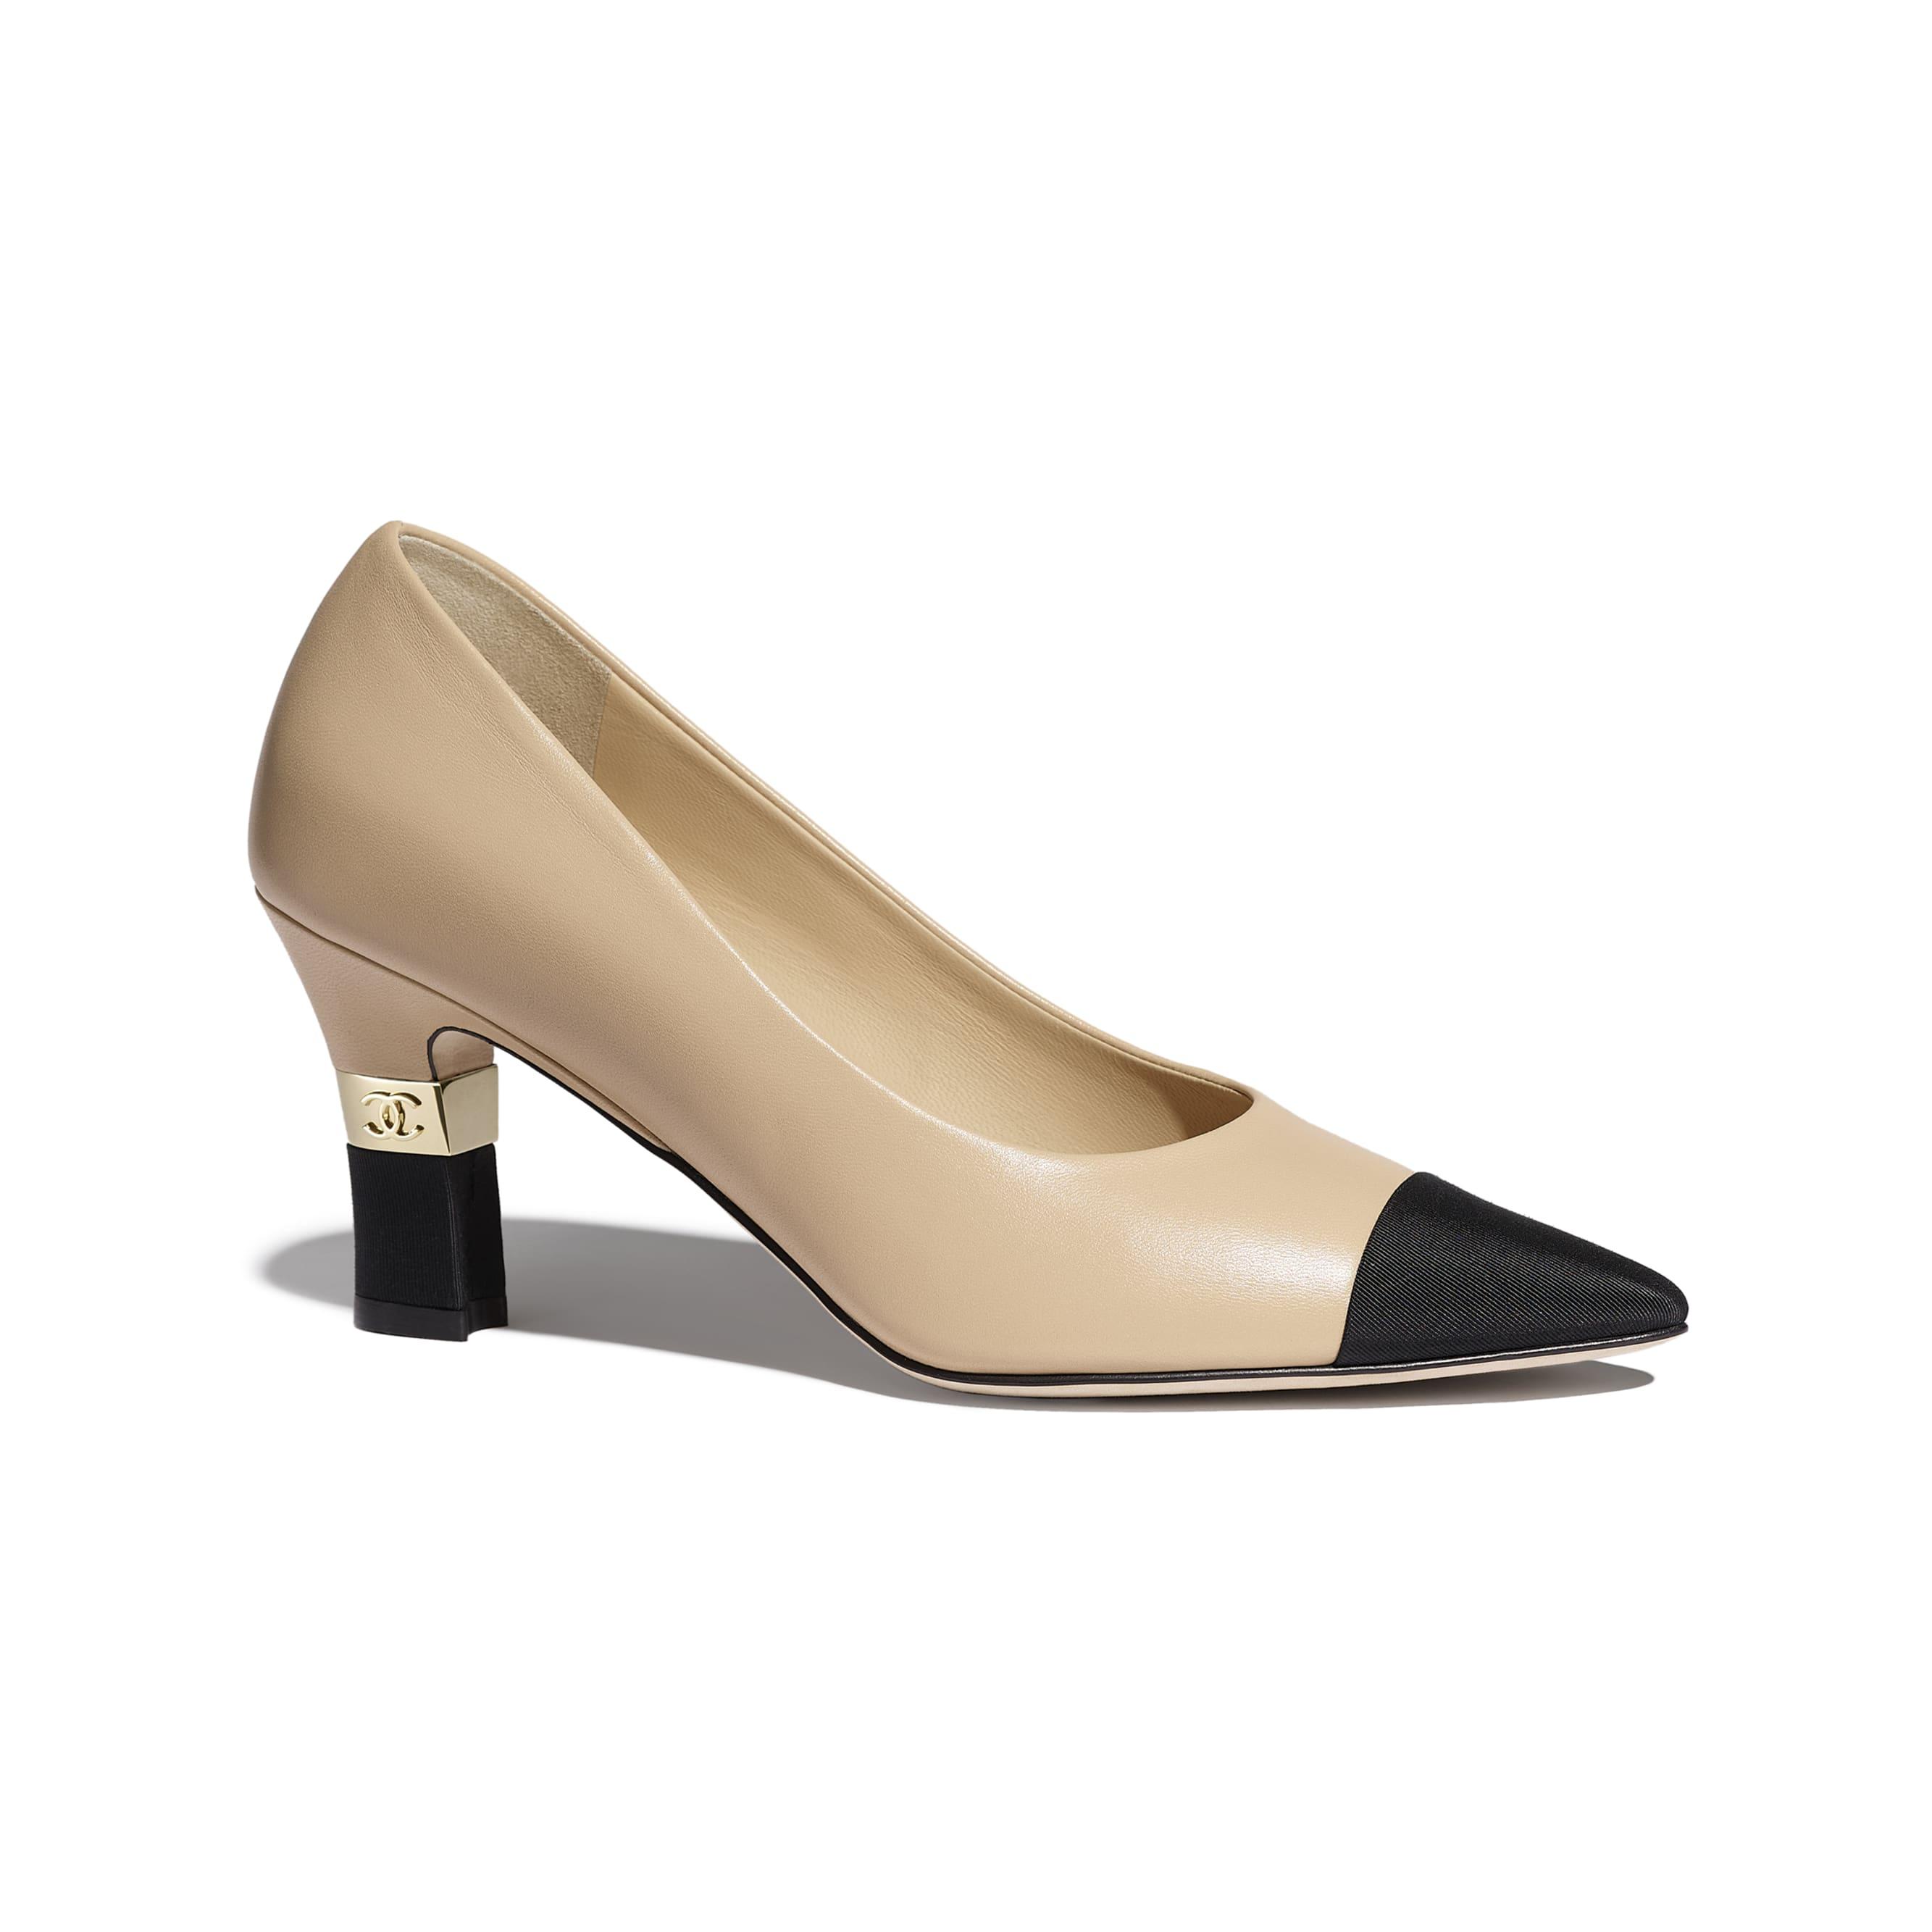 Туфли-лодочки - Бежевый и черный - Кожа ягненка и шелковая ткань - Вид по умолчанию - посмотреть изображение стандартного размера